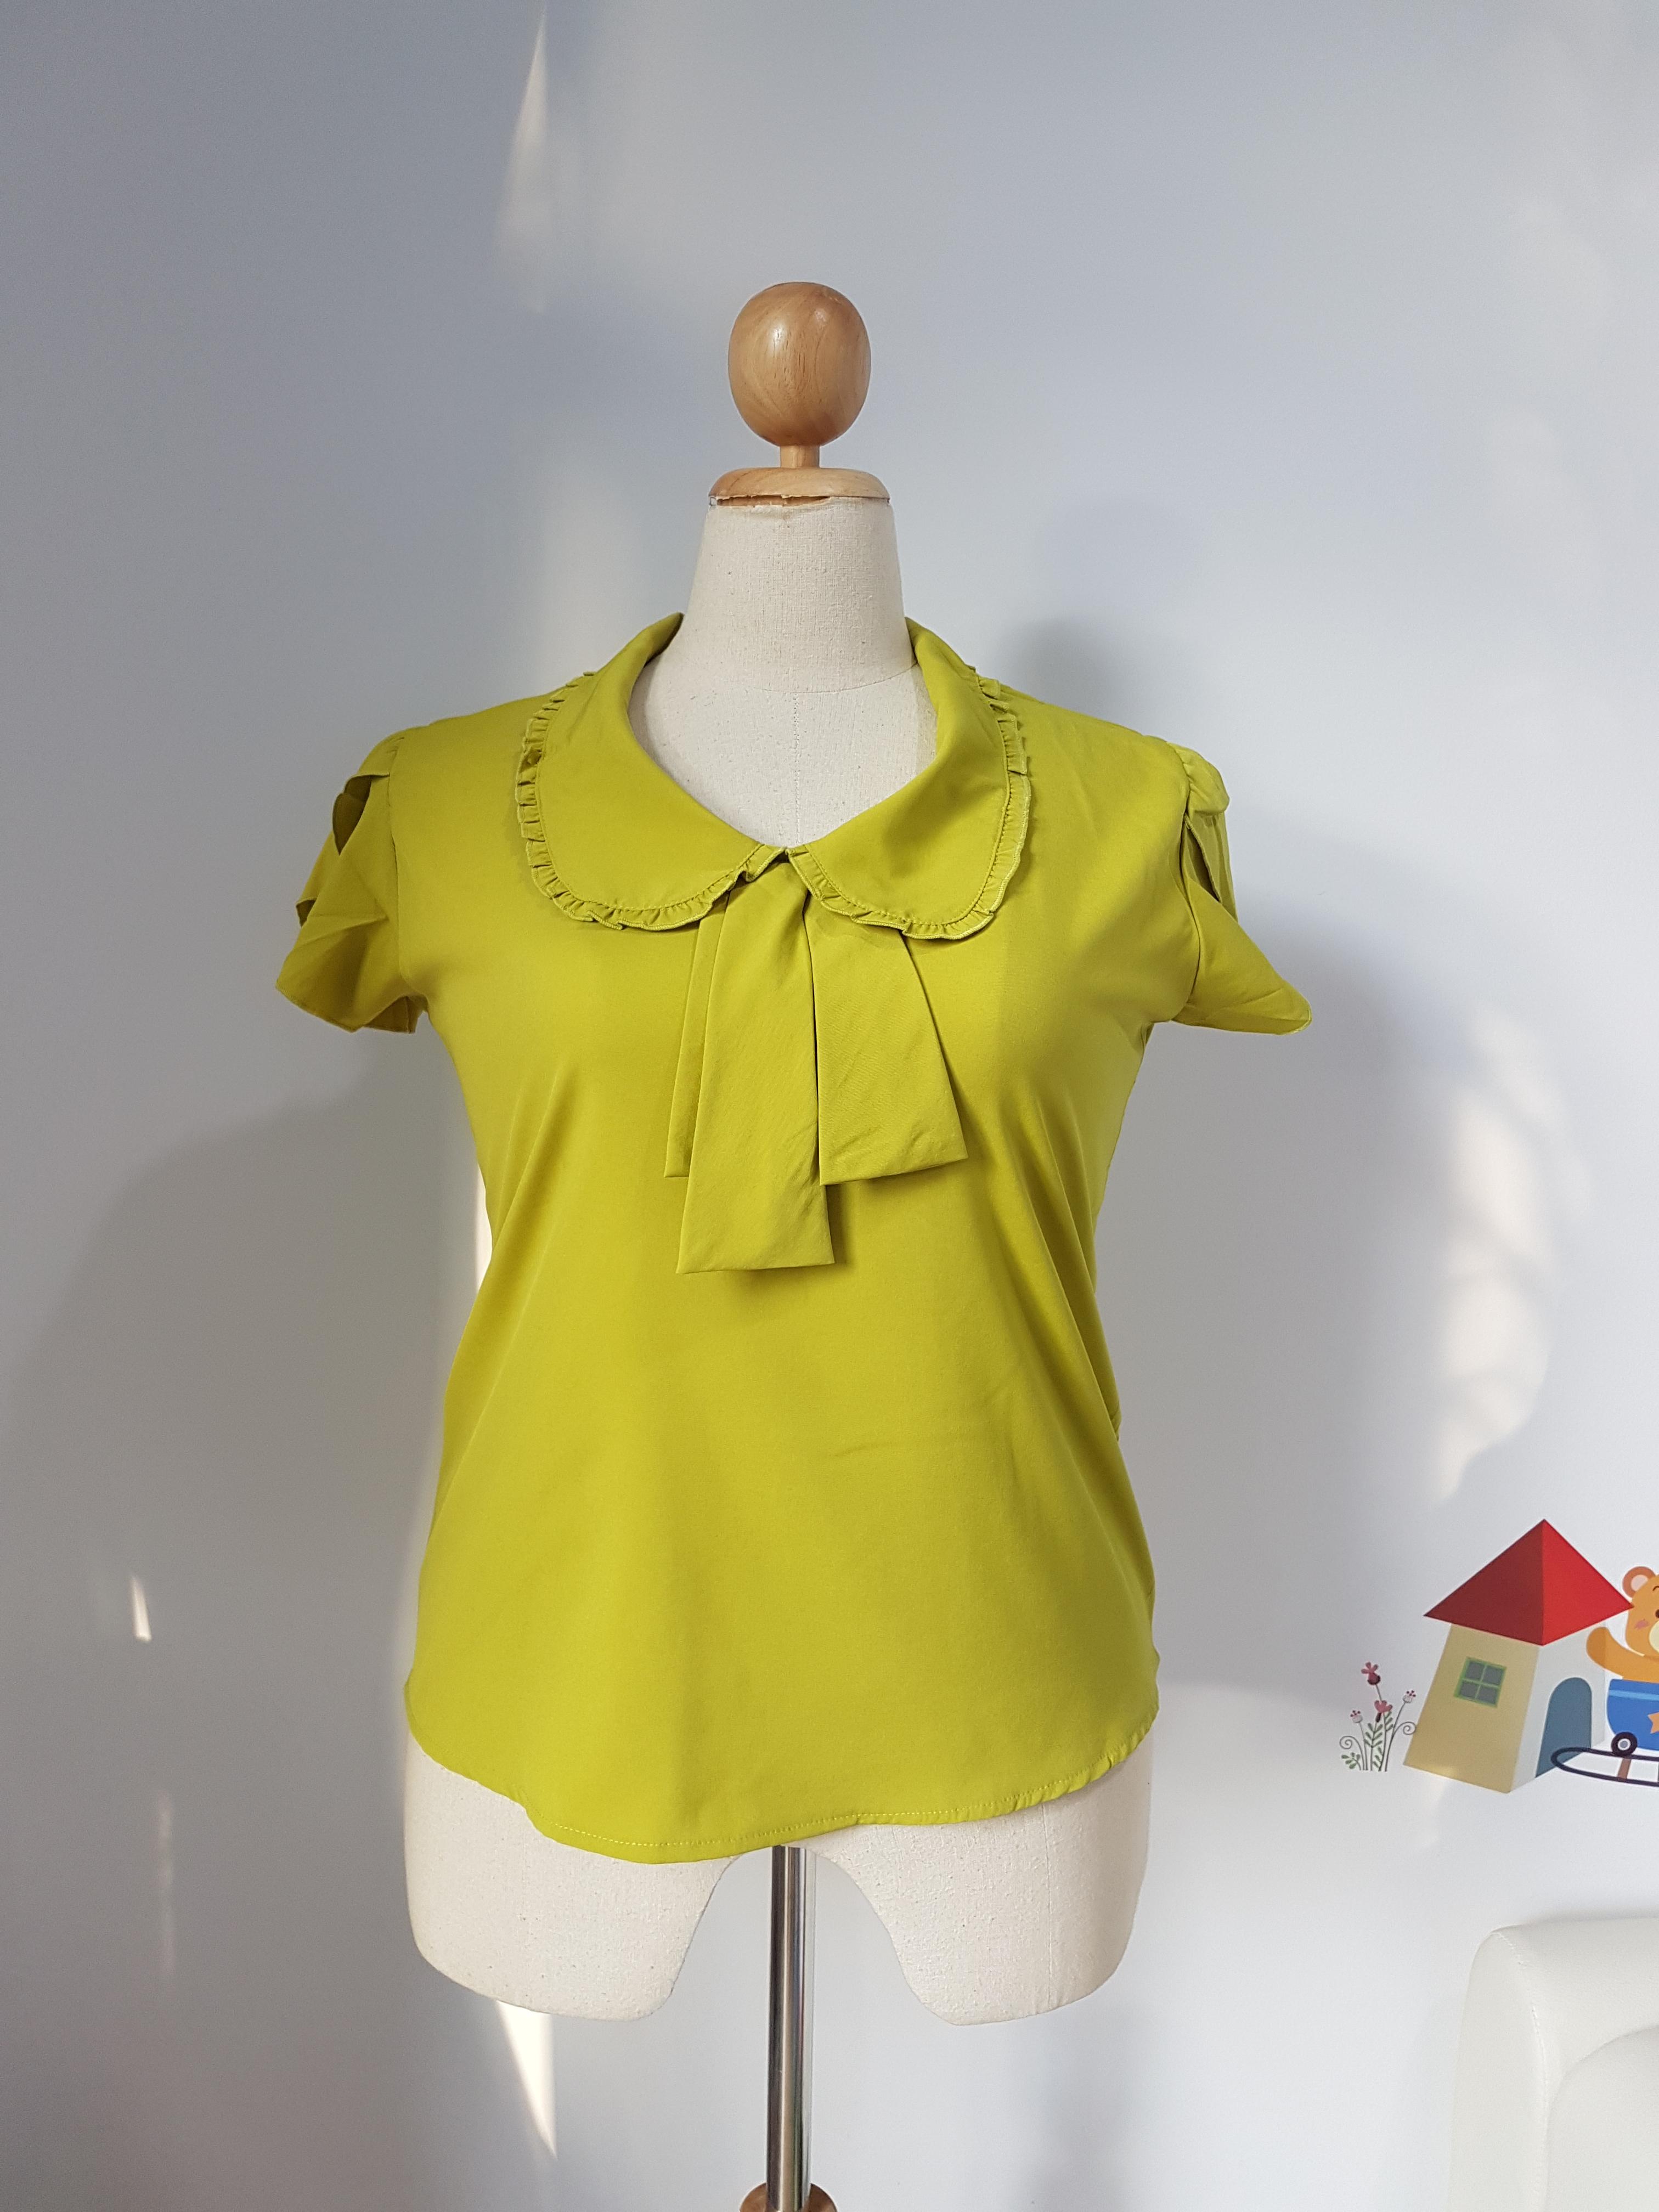 เสื้อ ผ้าไหมอิตาลี คอบัวระบาย สีเขียวมะนาว ไซส์ XXL อก 48-50 นิ้ว